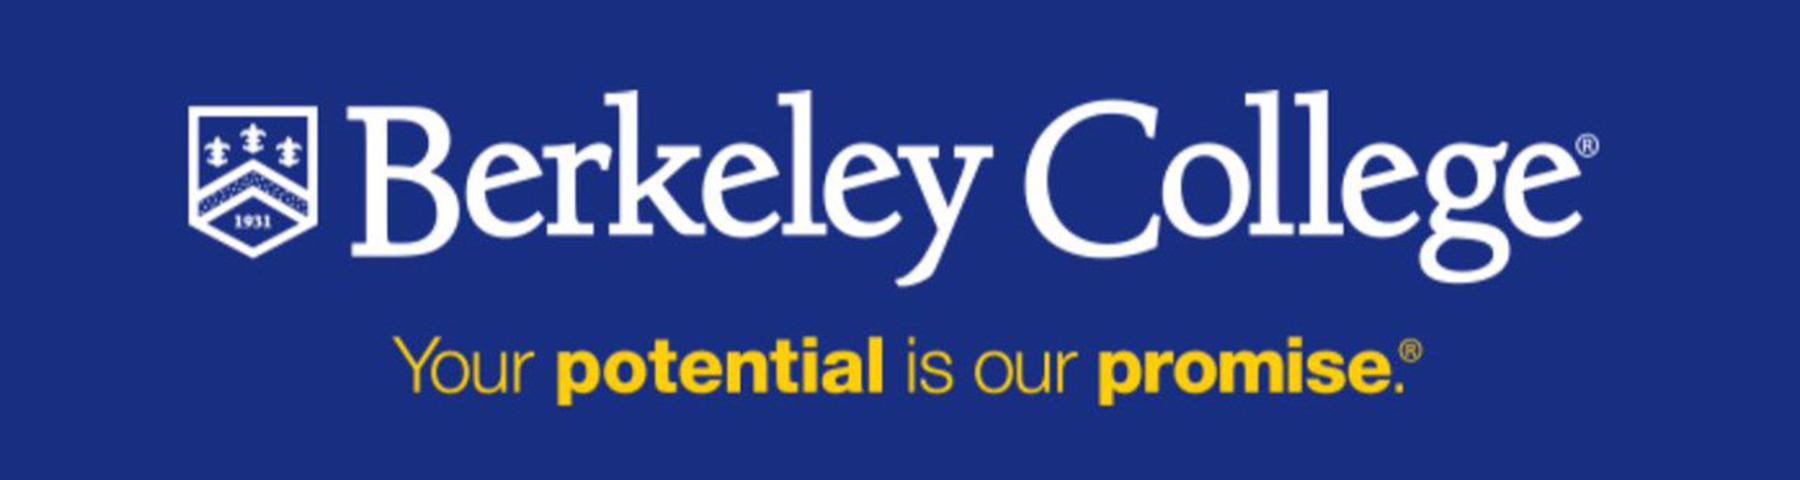 Berkeley College Banner